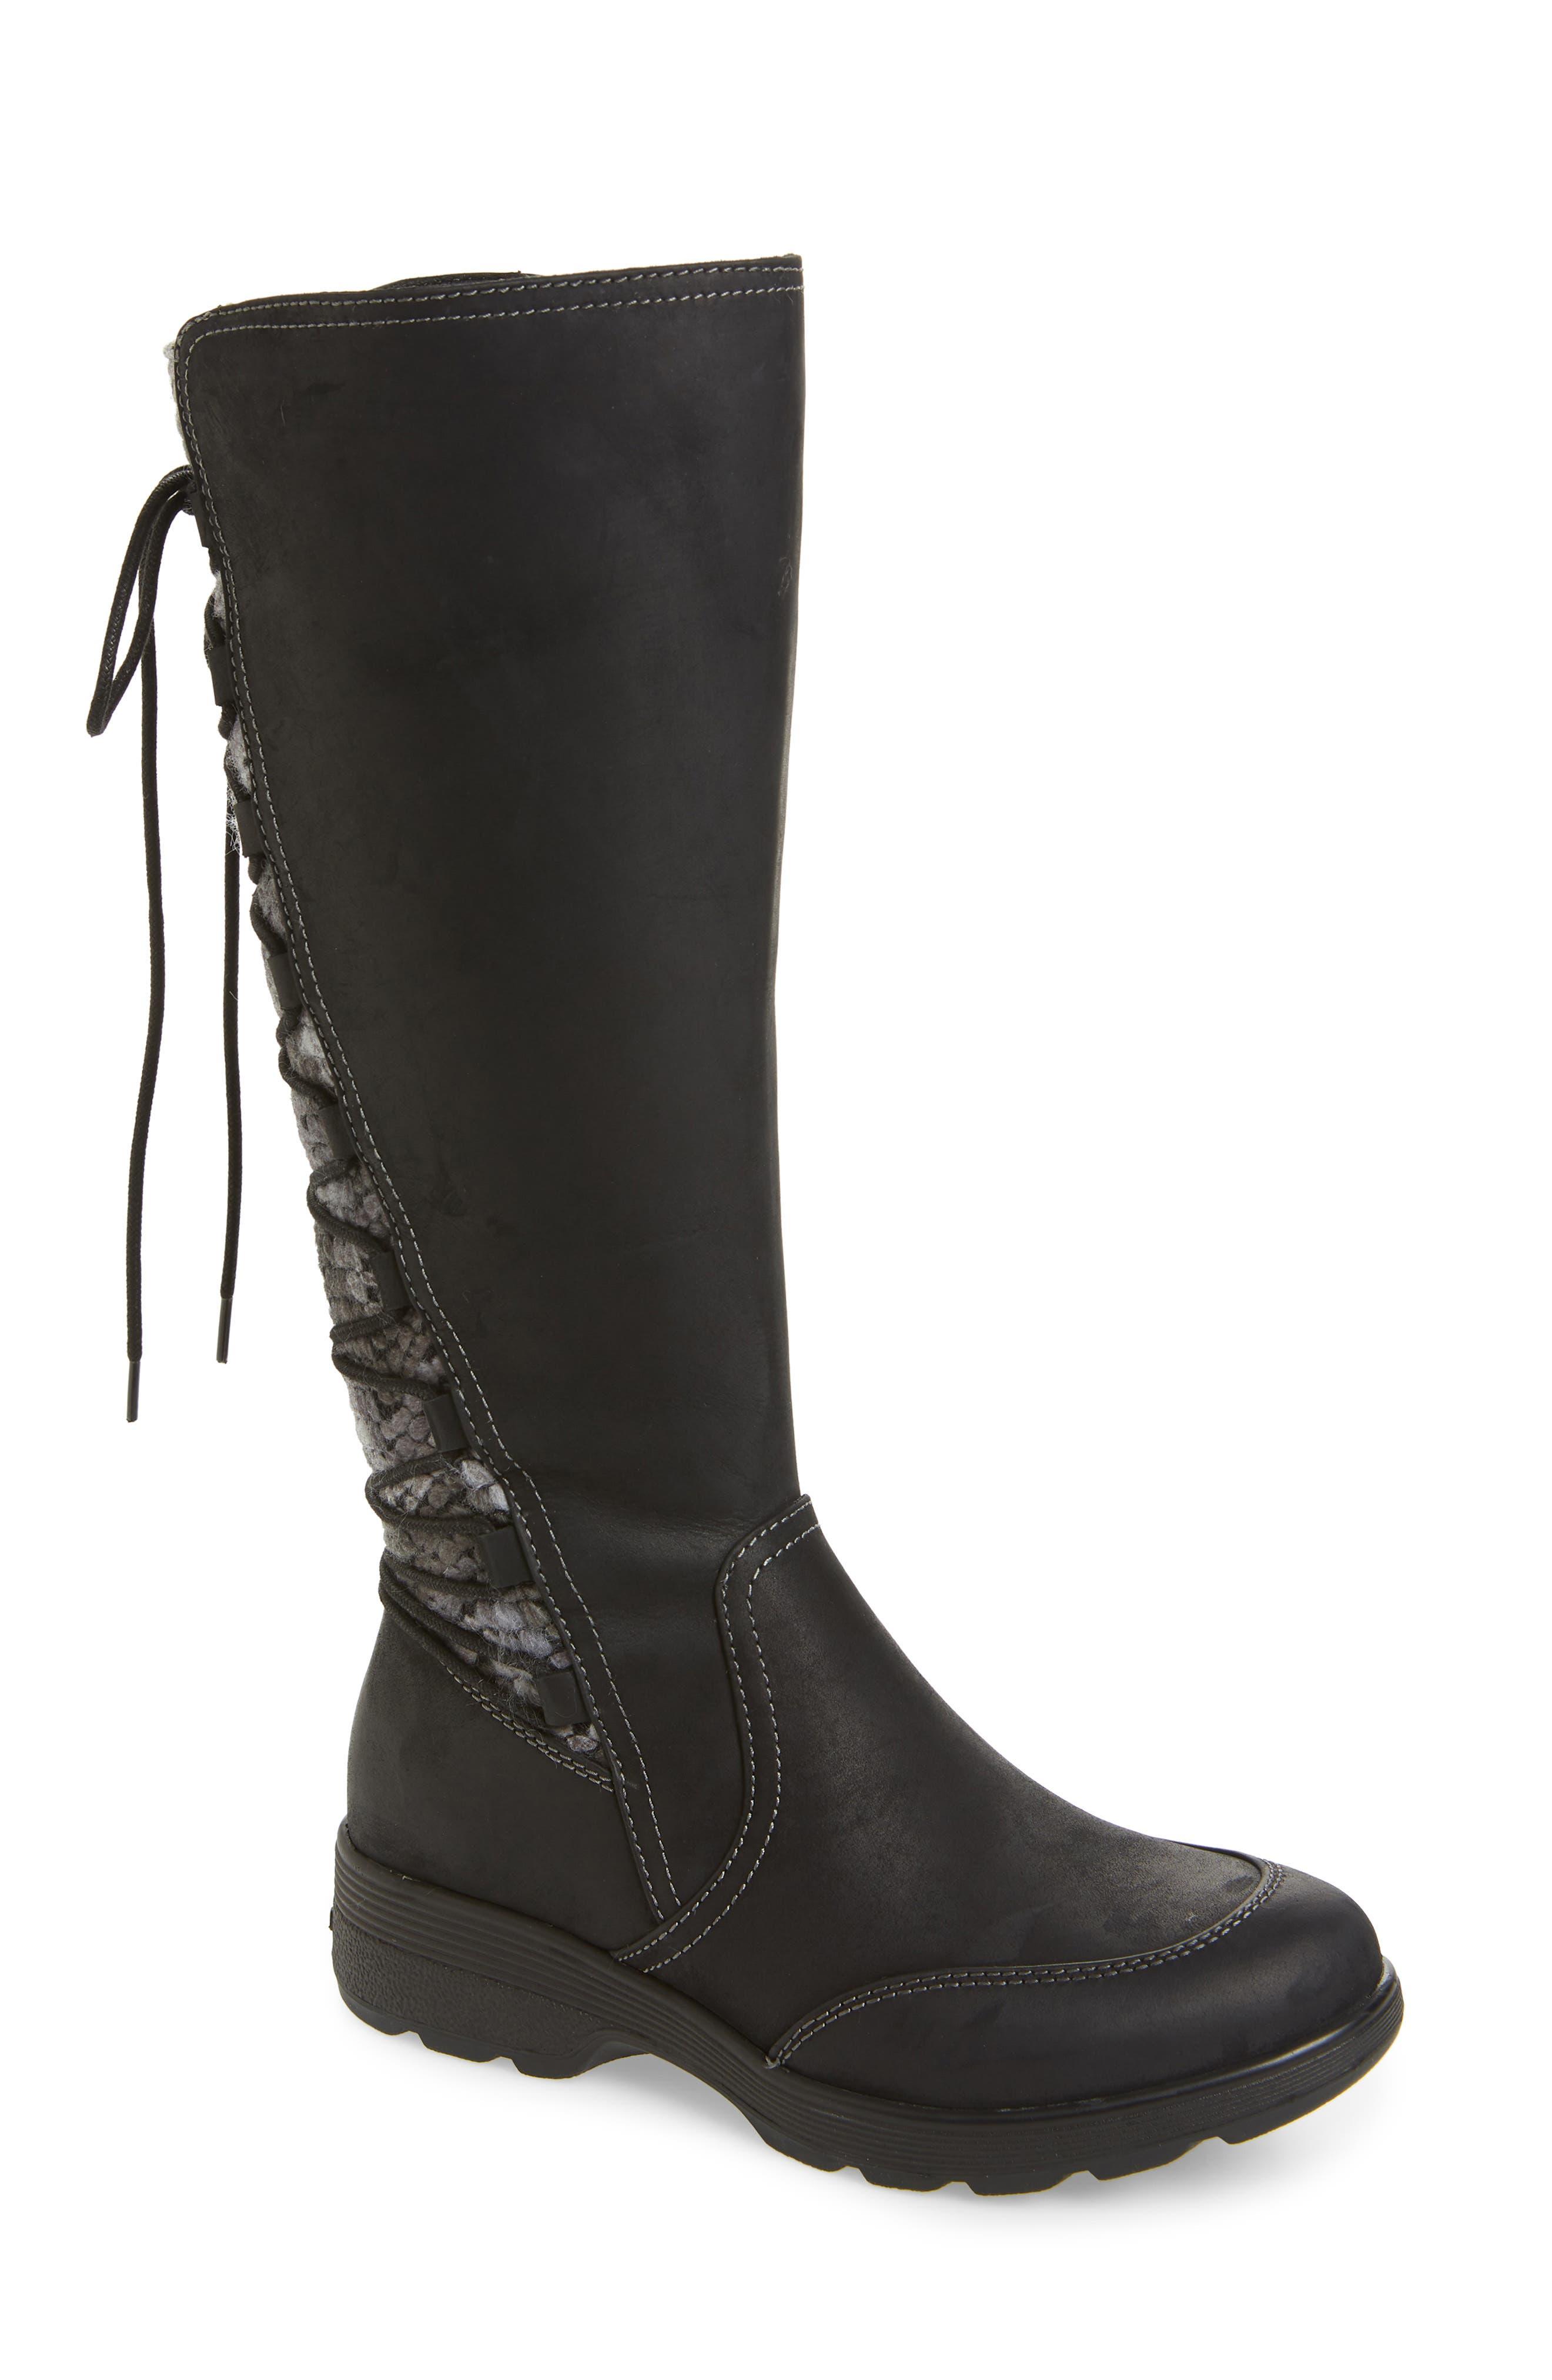 Bionica Epping Waterproof Knee High Boot- Black